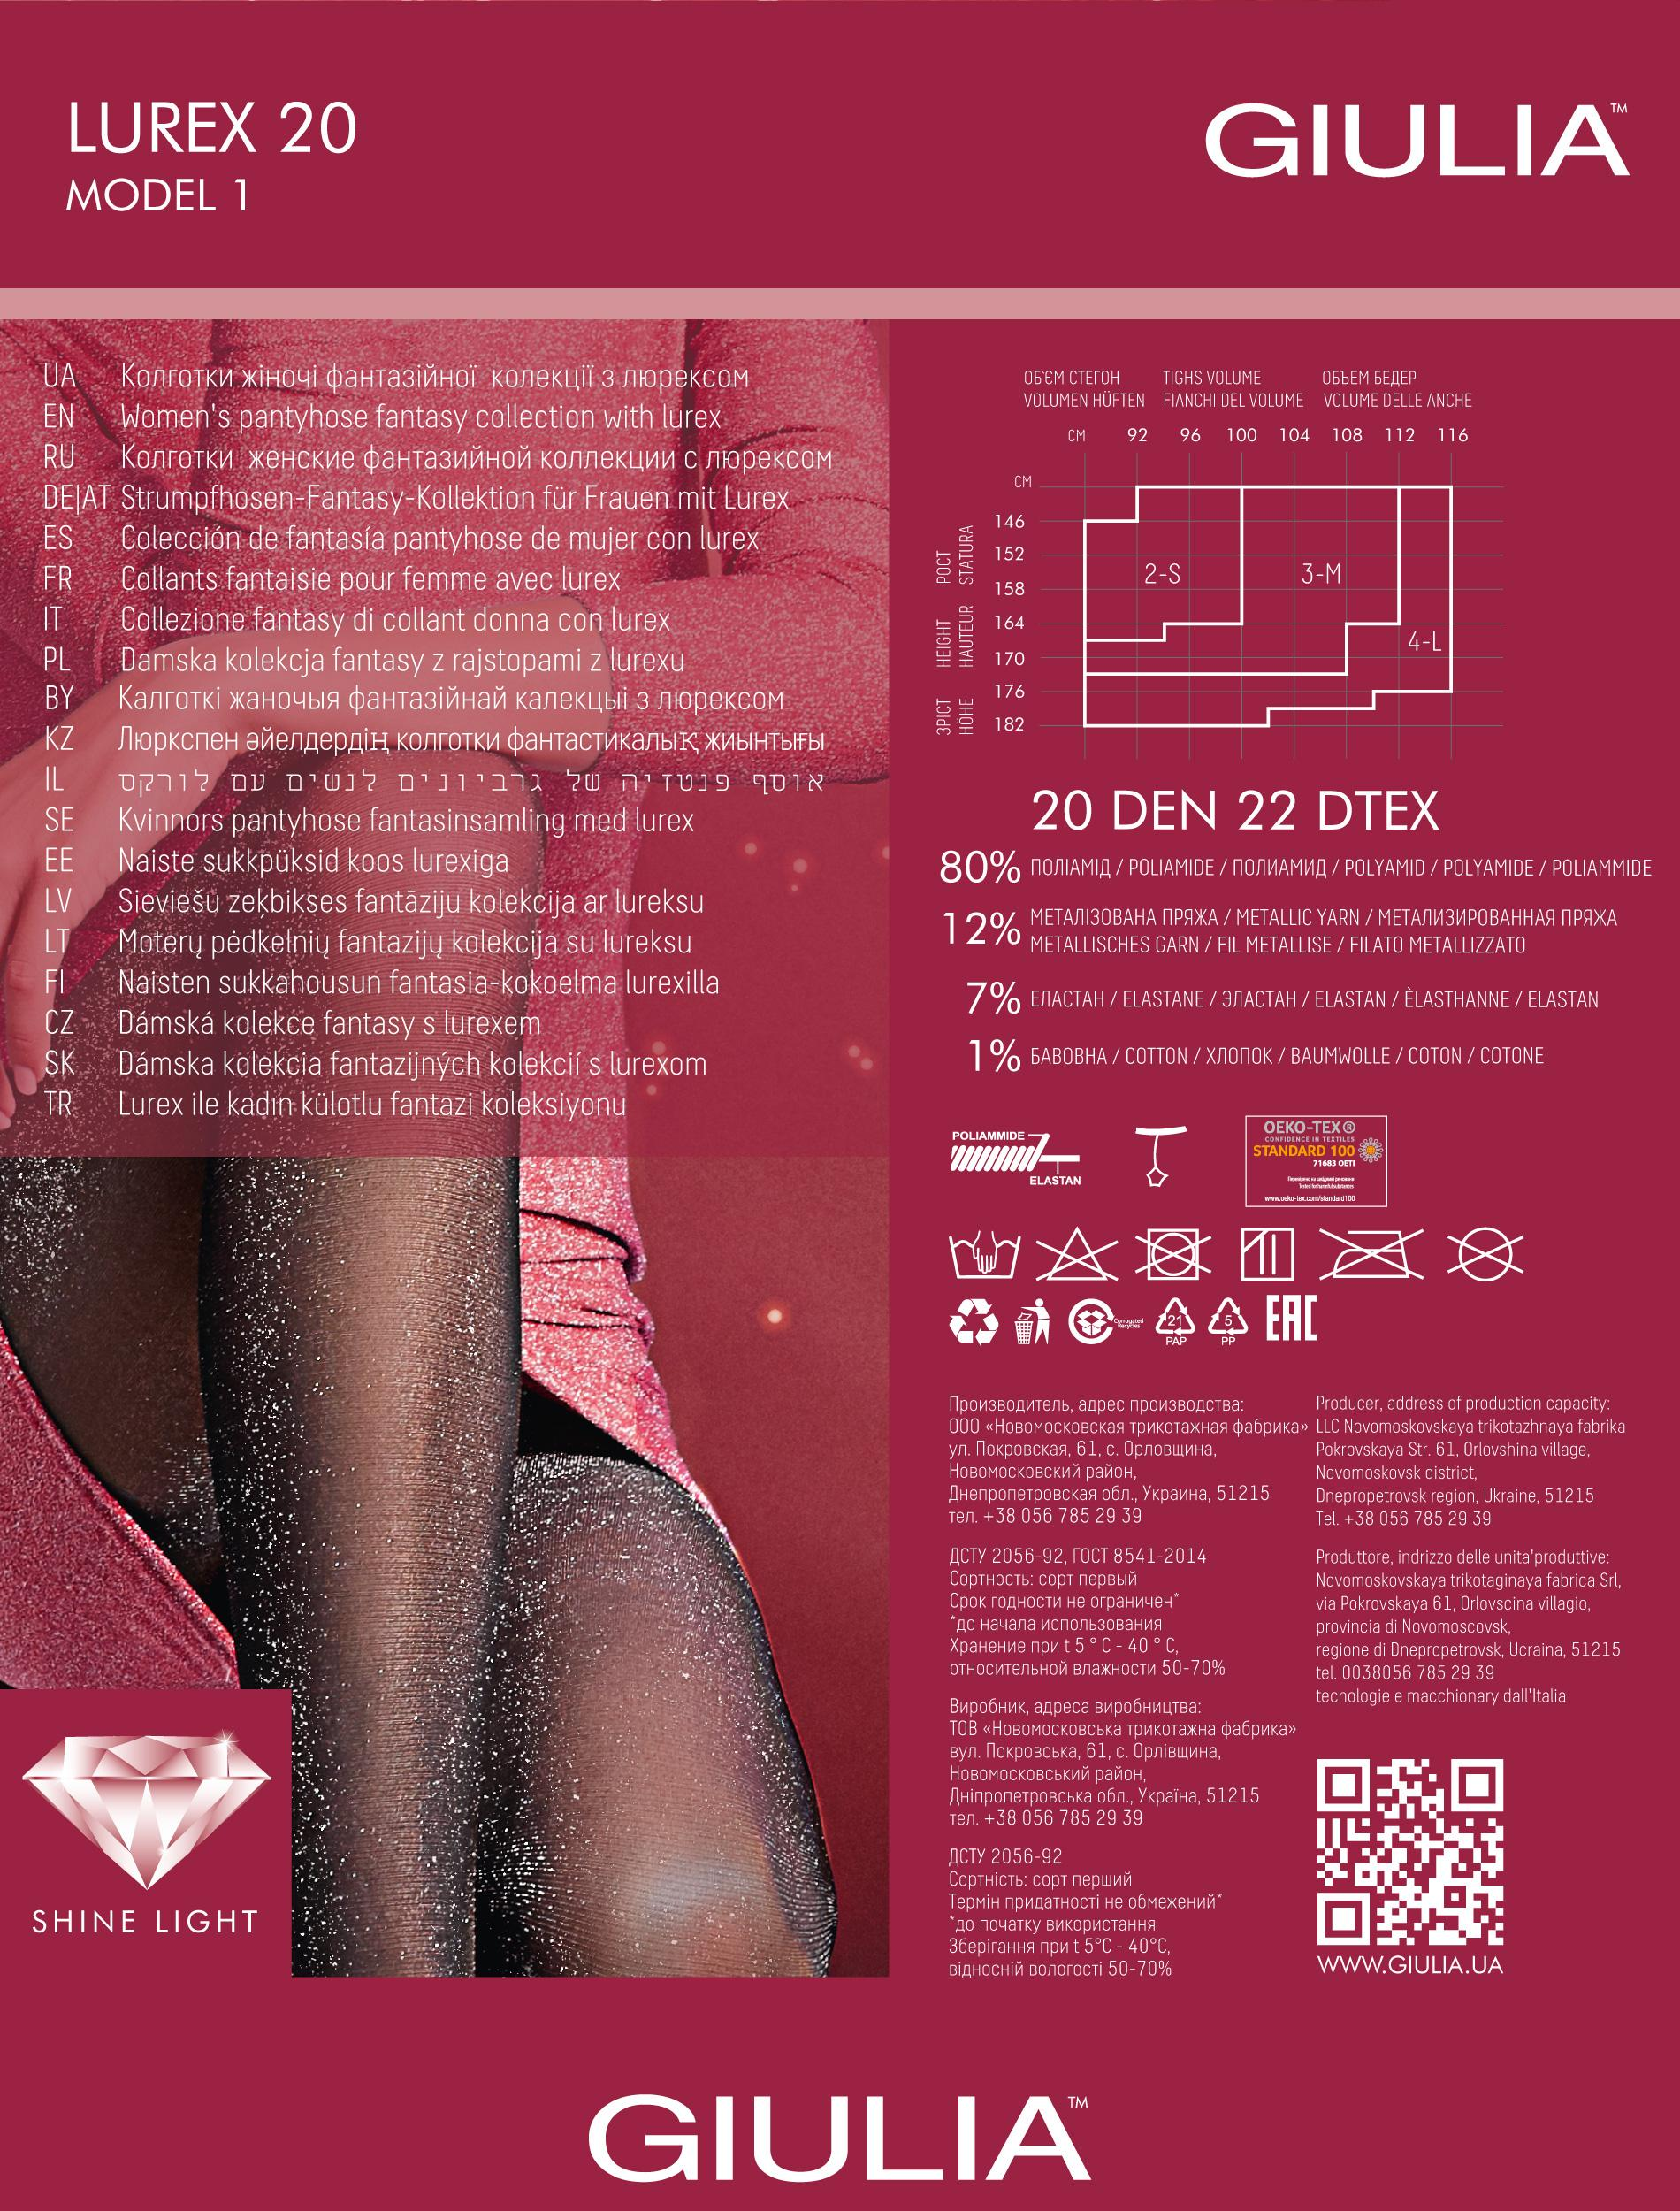 Колготки с рисунком и фантазийные Lurex 20 model 1 вид 2